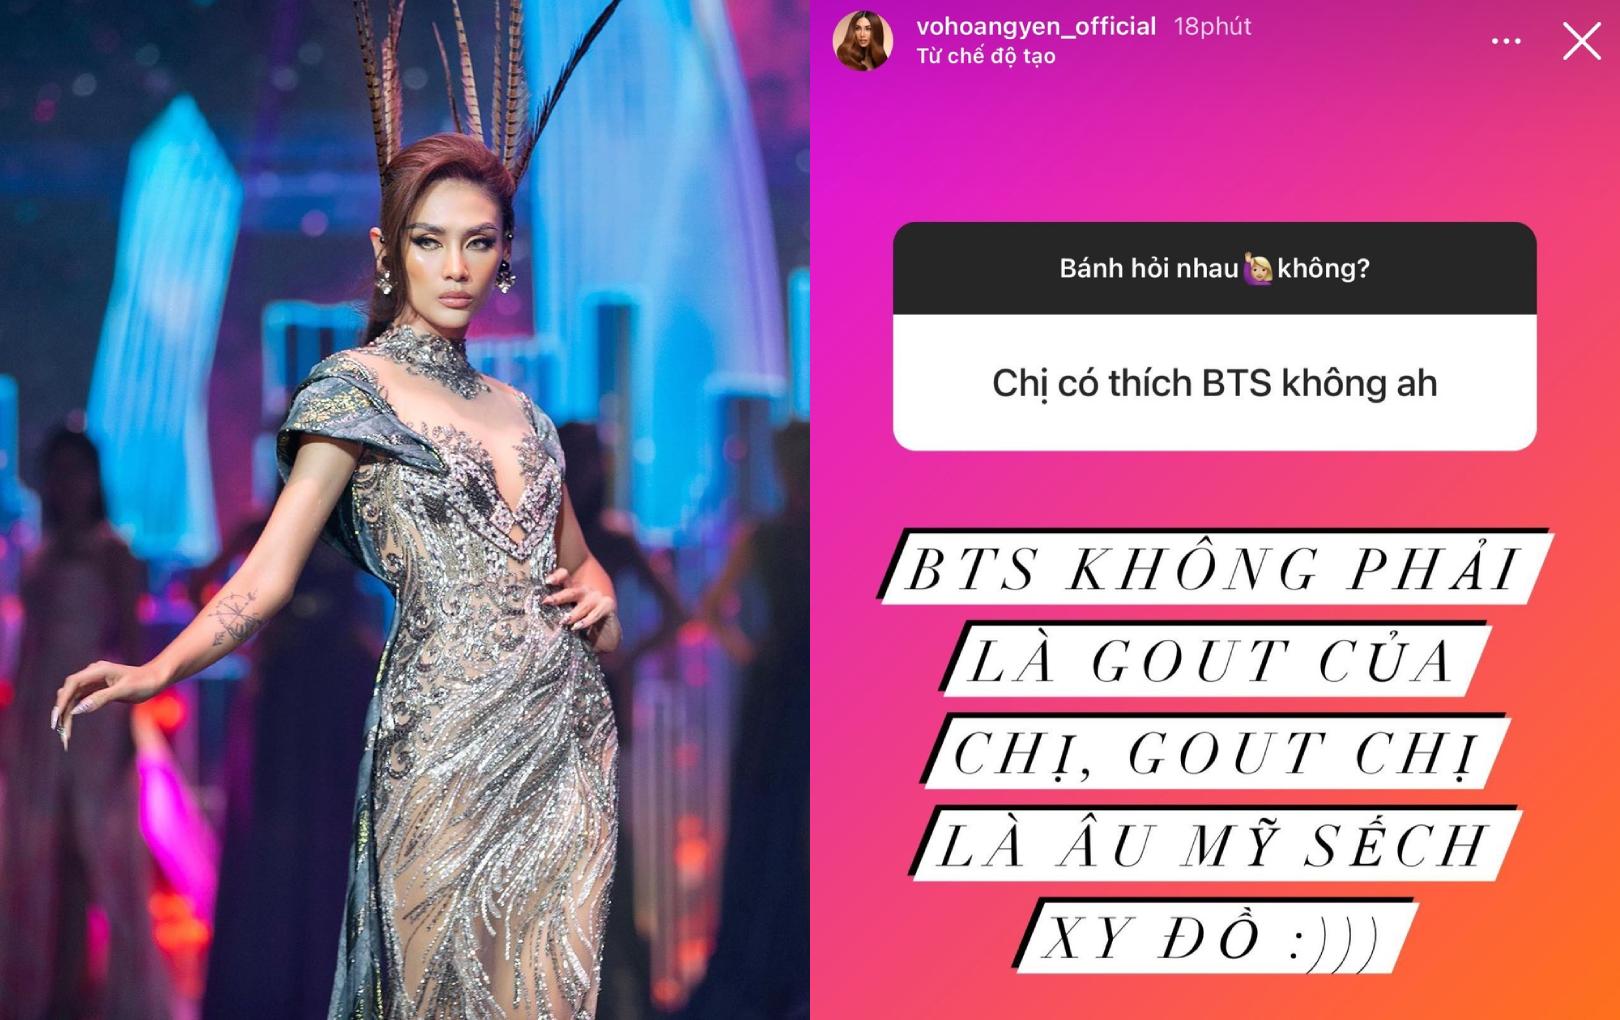 """Võ Hoàng Yến trả lời thẳng thắn khi được hỏi có thích BTS không: """"Không phải gout chị"""""""